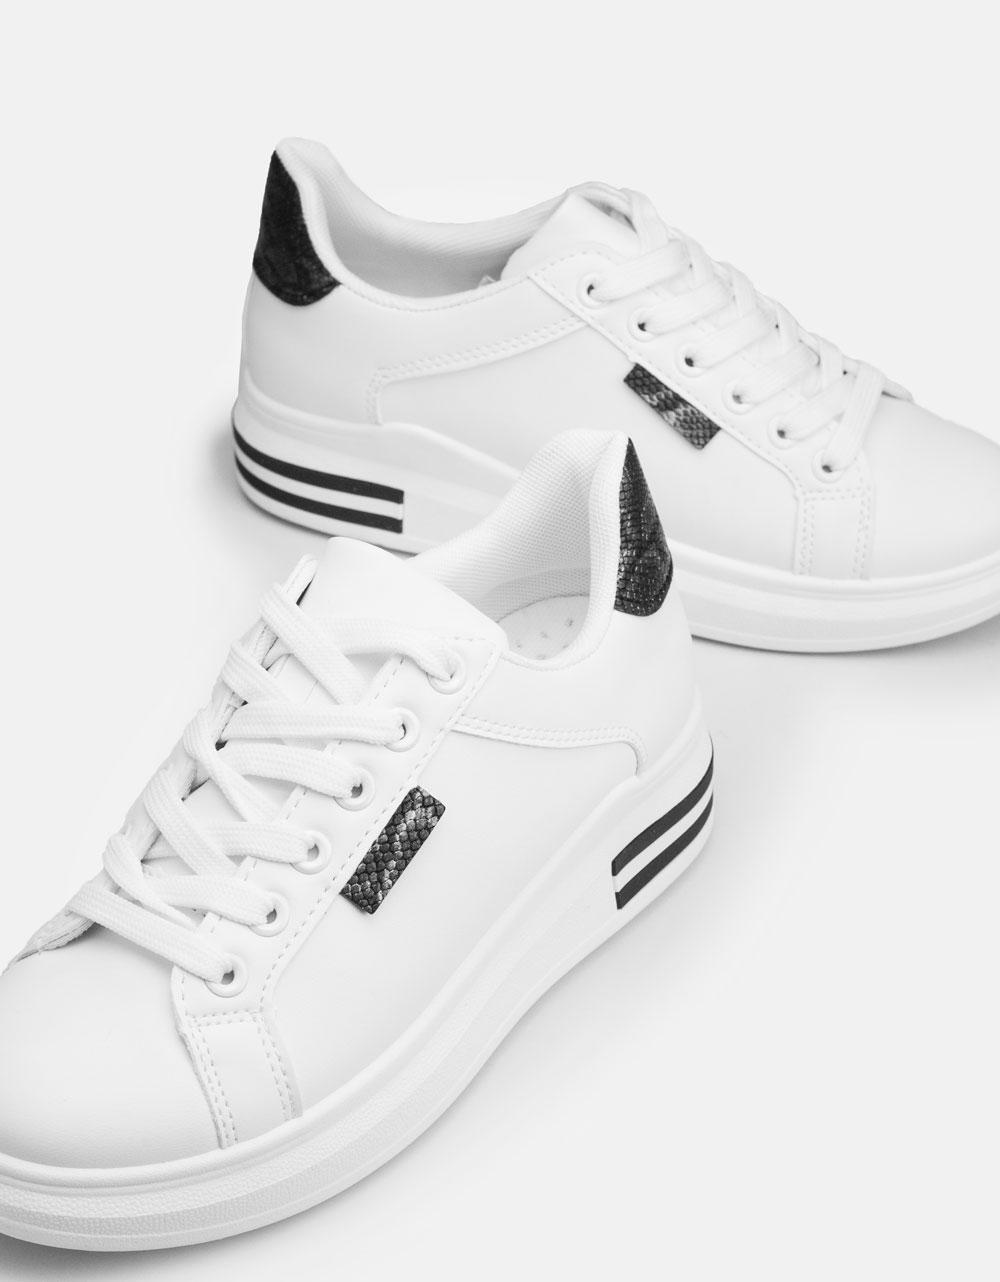 Εικόνα από Γυναικεία sneakers με διχρωμία στο πίσω μέρος Λευκό/Μαύρο